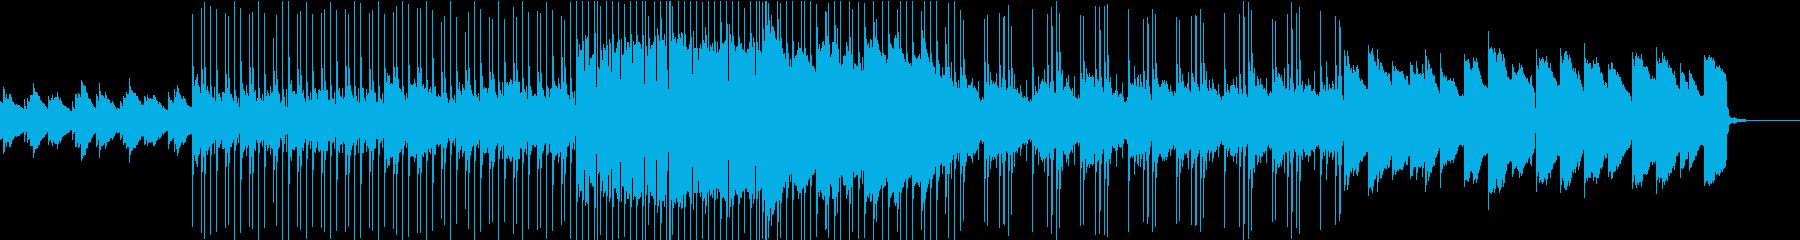 綺麗で優しいエレキギターPOPの再生済みの波形